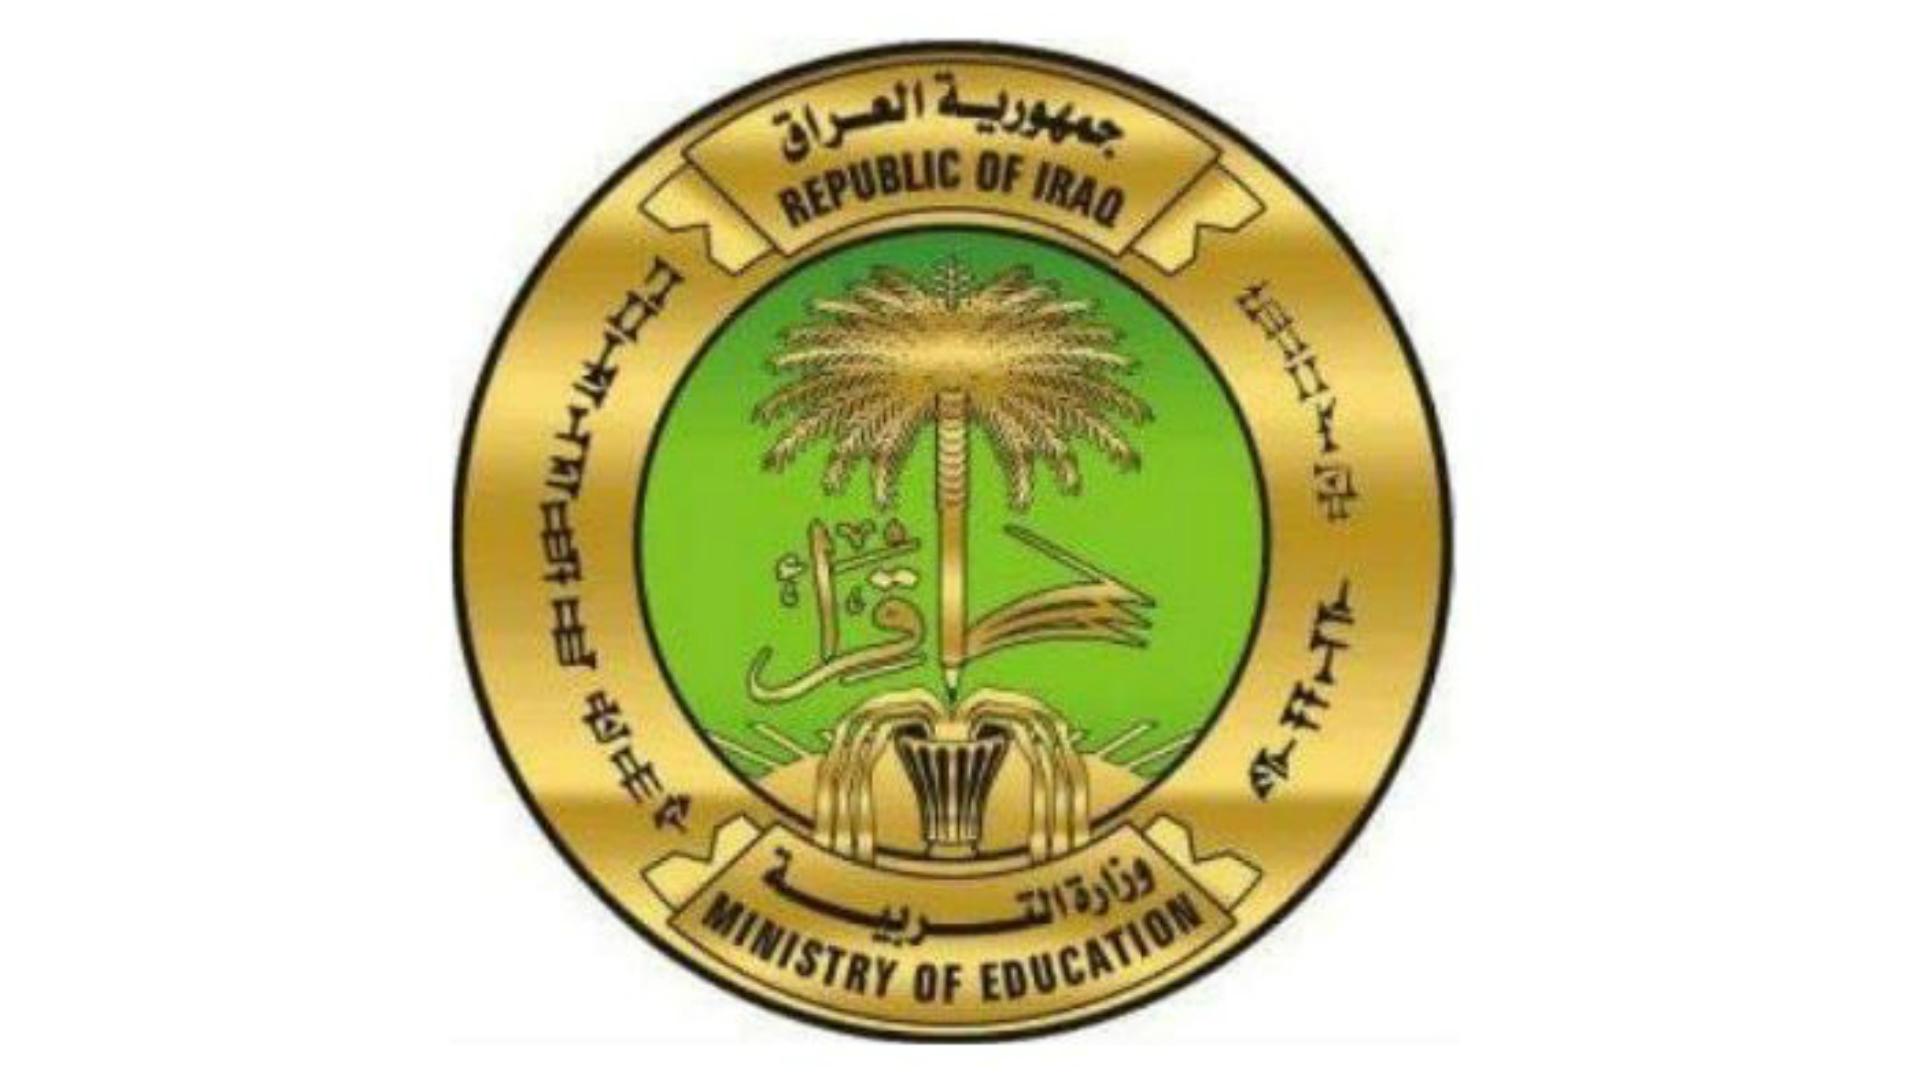 وزارة التربية تطلق تطبيقاً يتيح للطلاب التعرف على نتائجهم فور صدورها